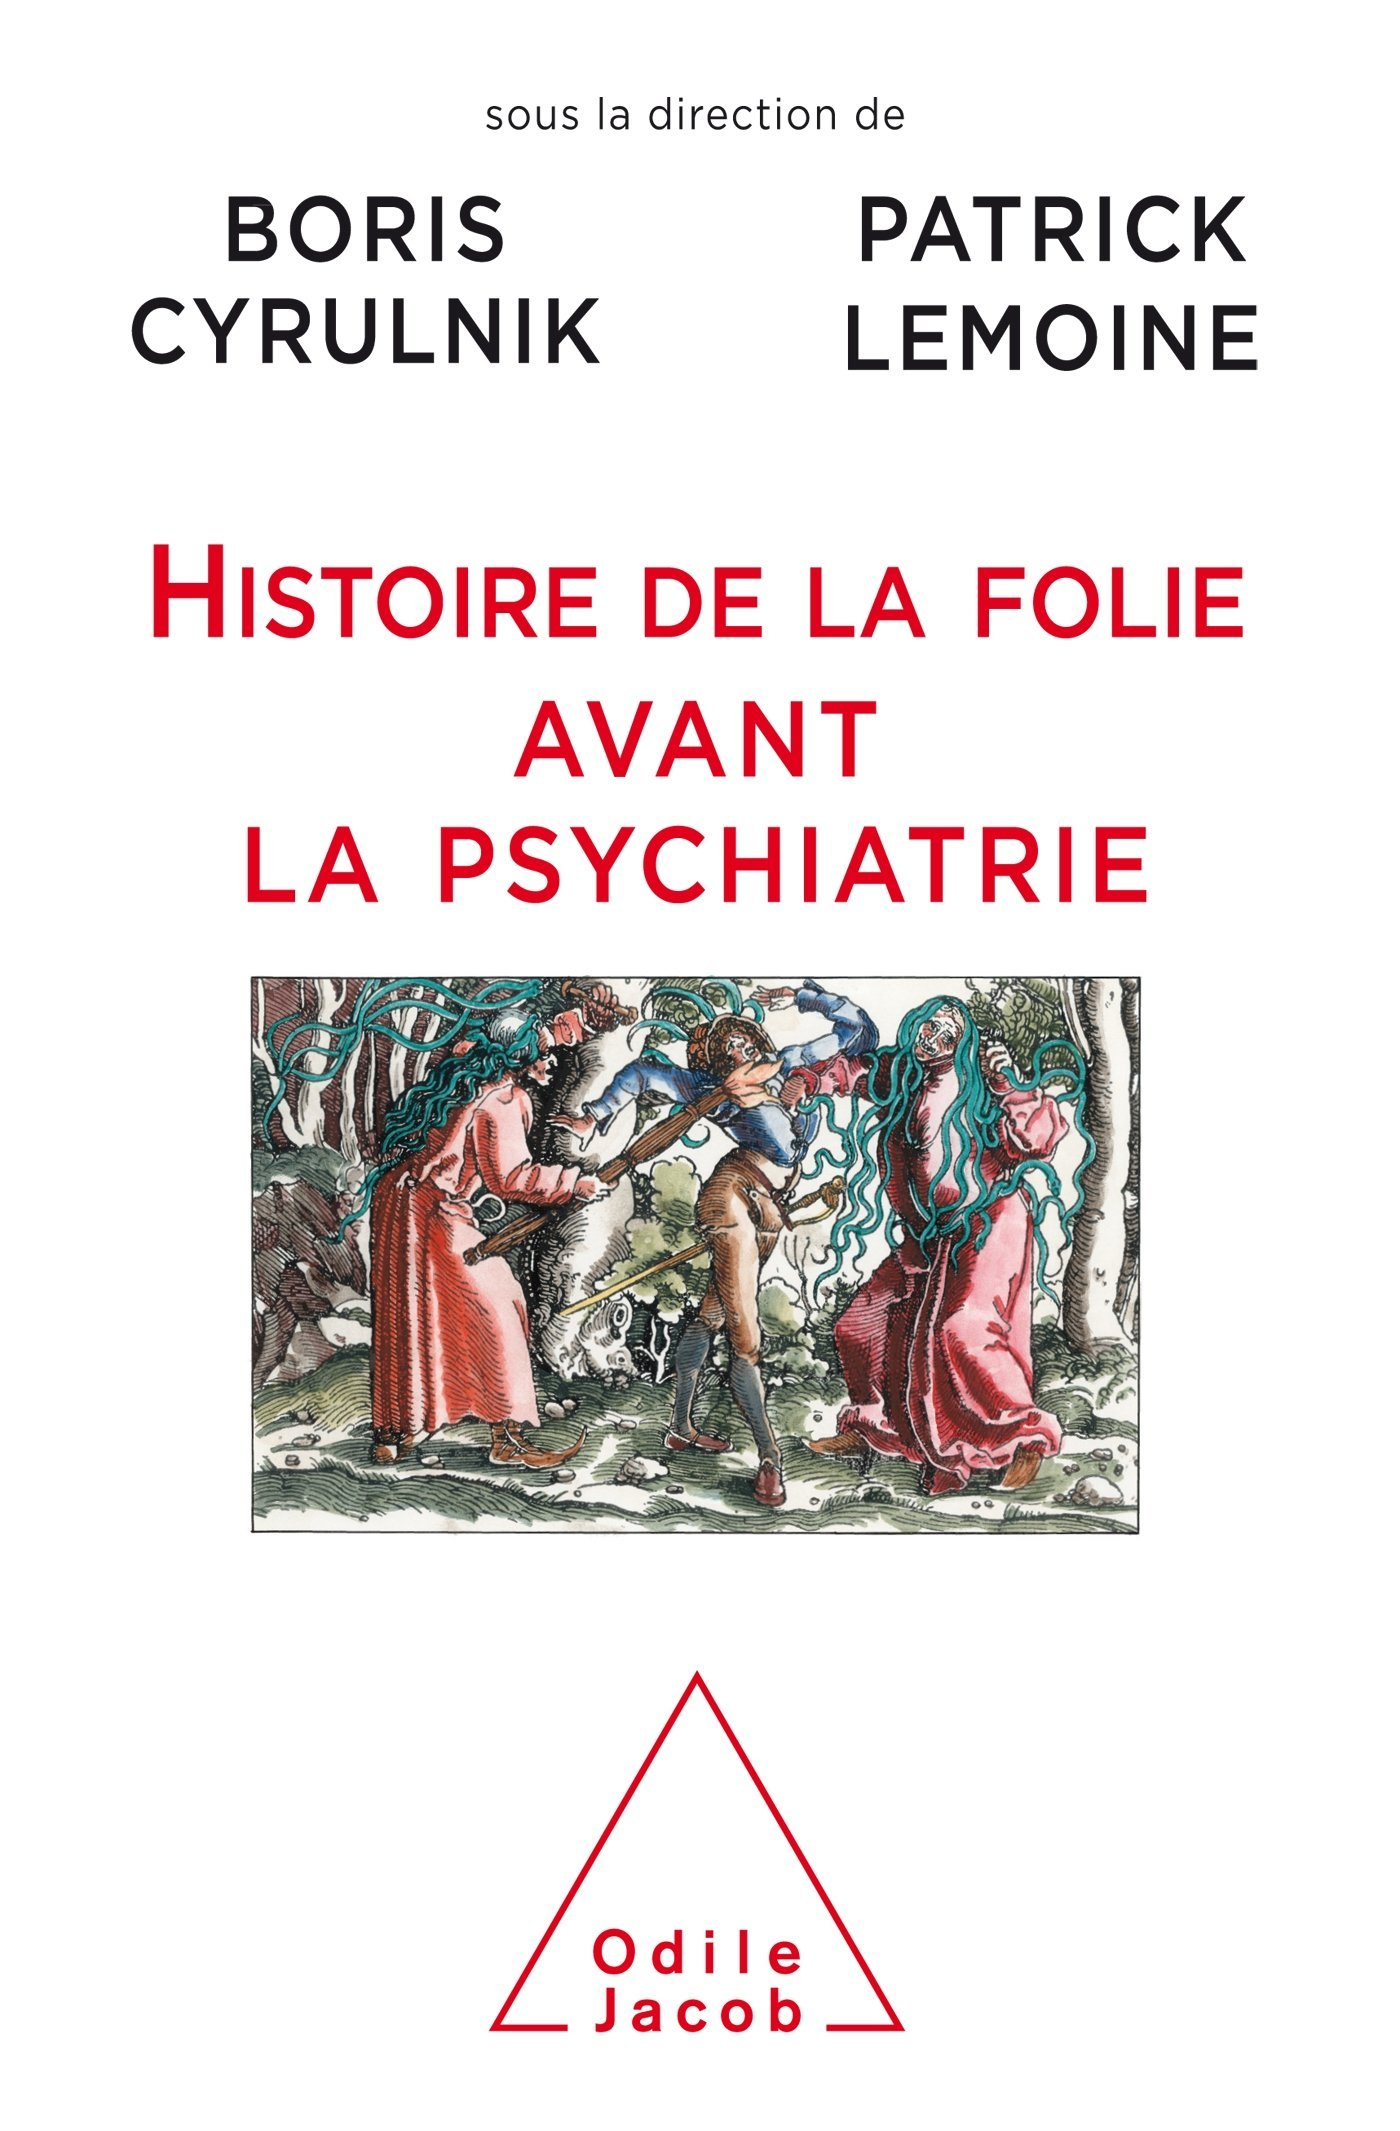 Amazon.fr - Histoire de la folie avant la psychiatrie - Boris Cyrulnik, Dr  Patrick Lemoine - Livres